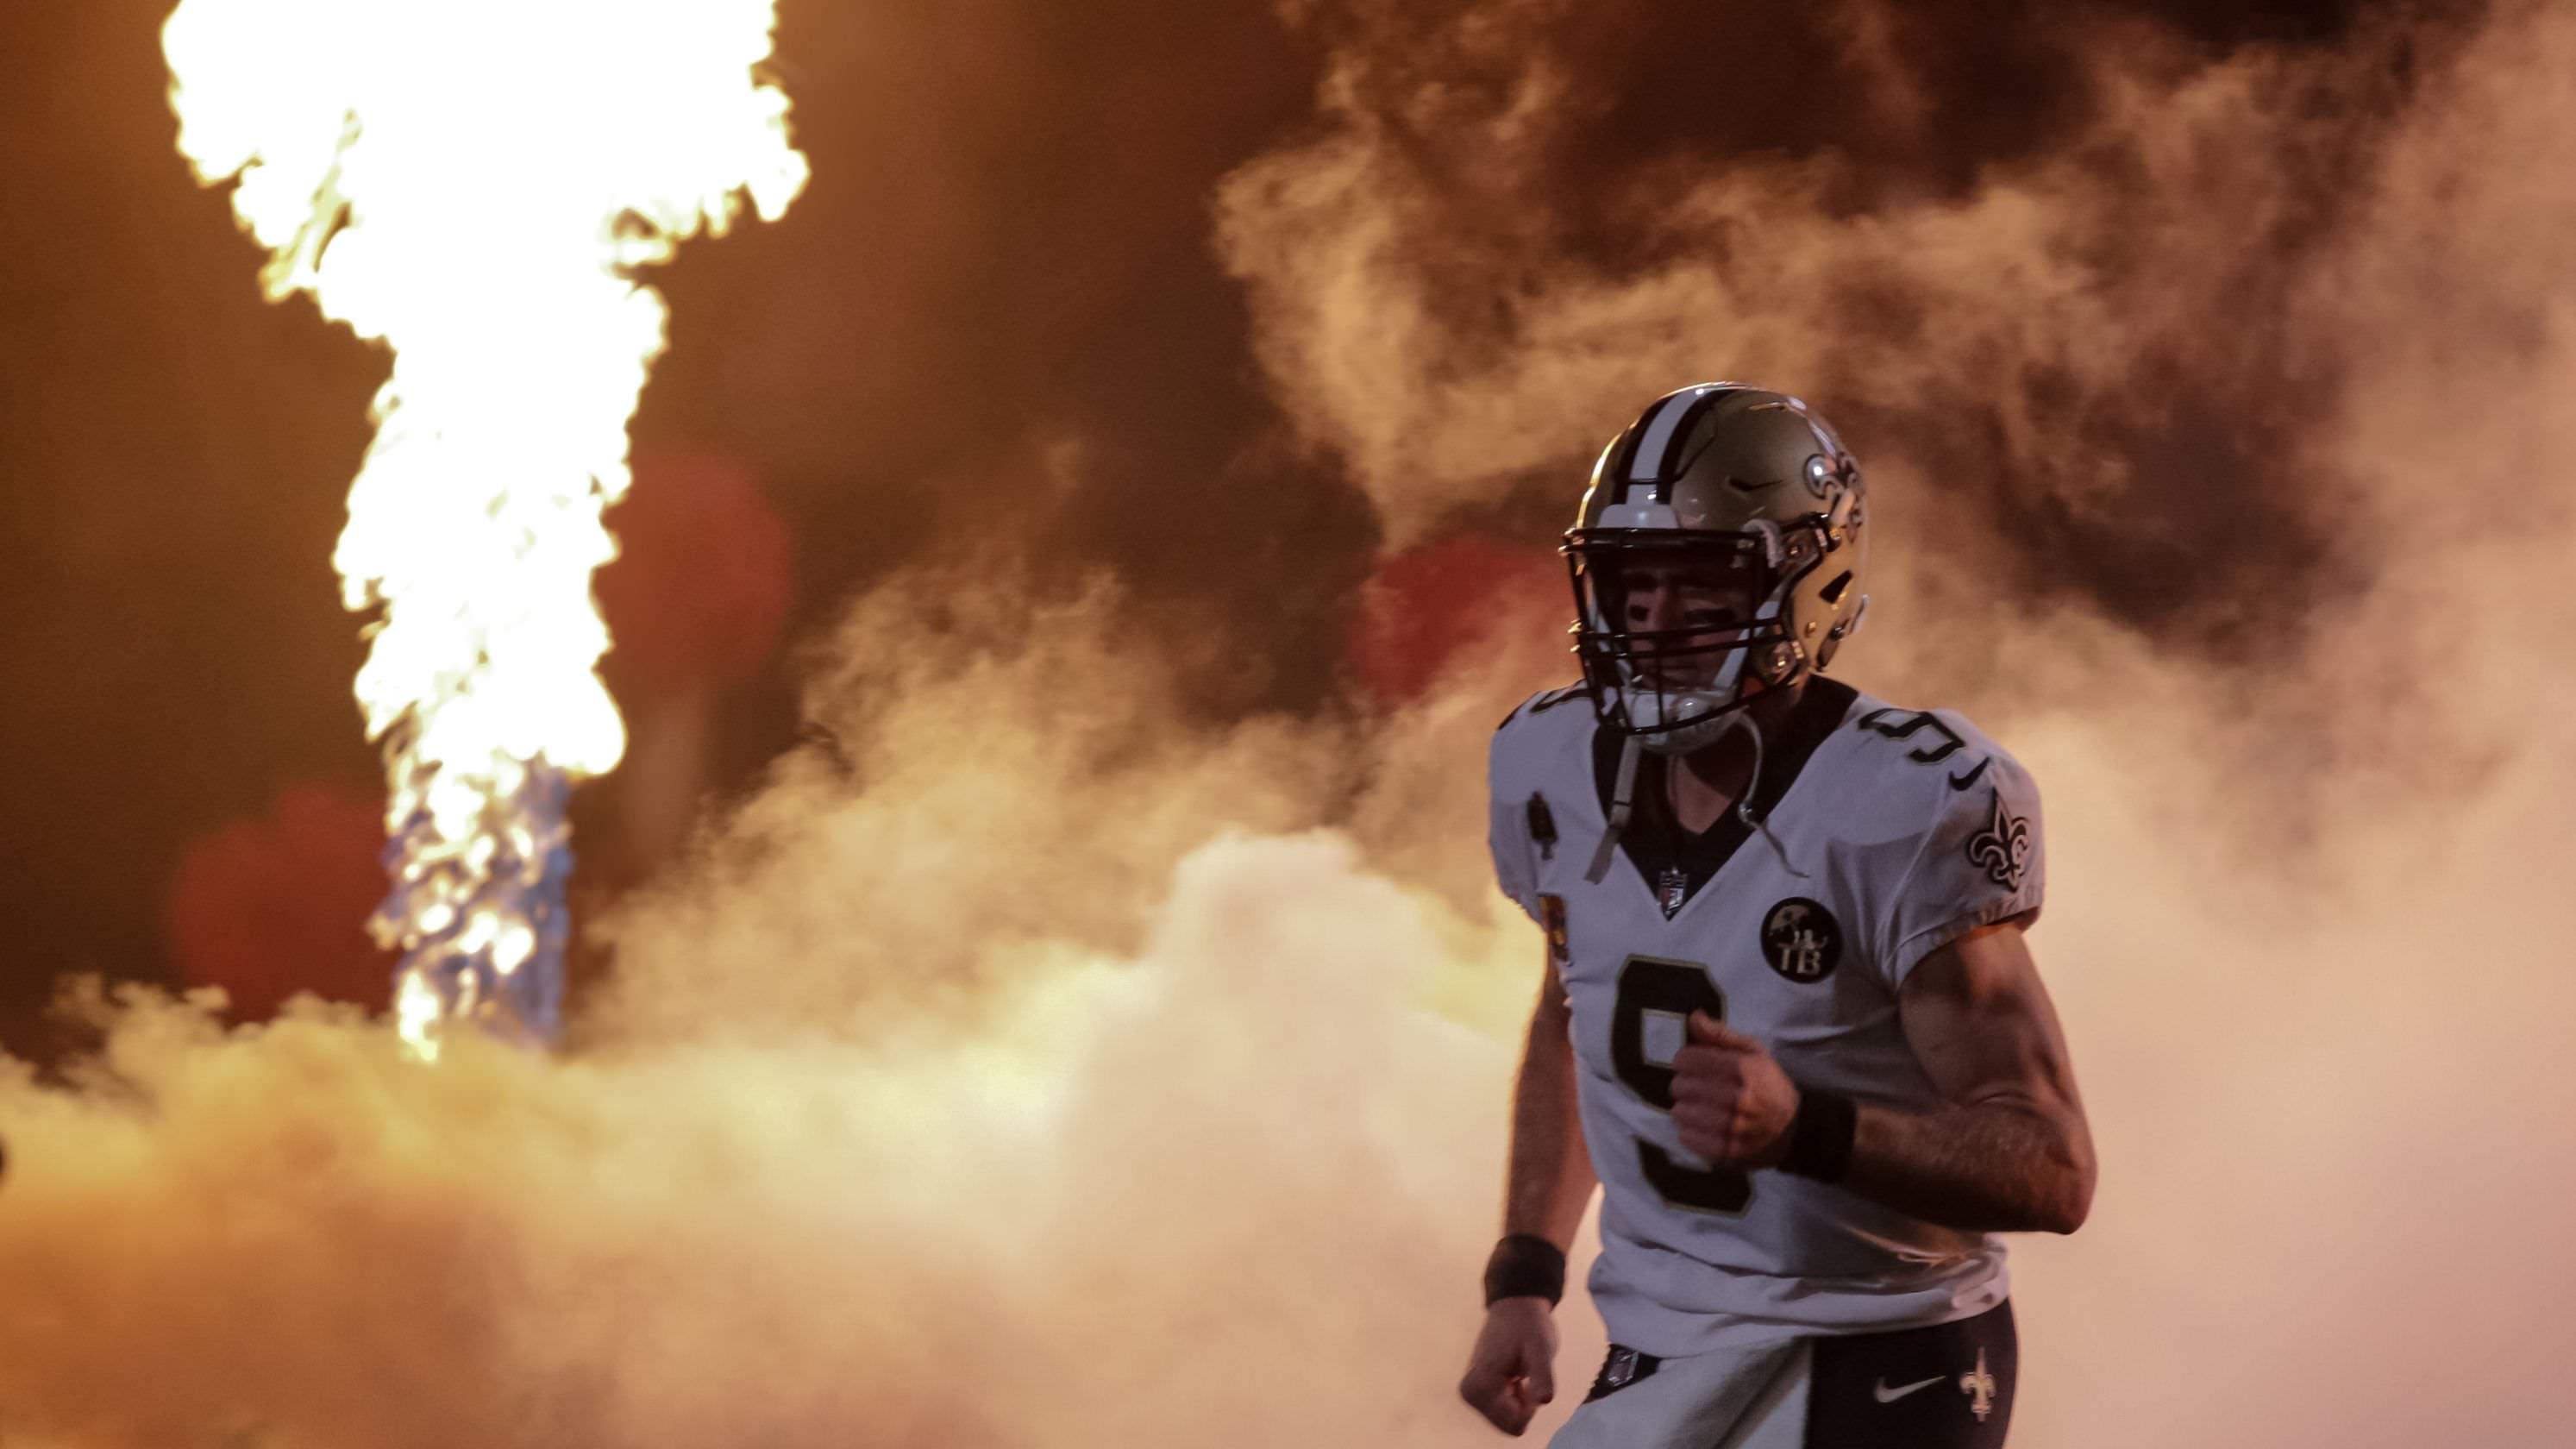 É hora do jogo! Melhor de intros de jogador de NFL